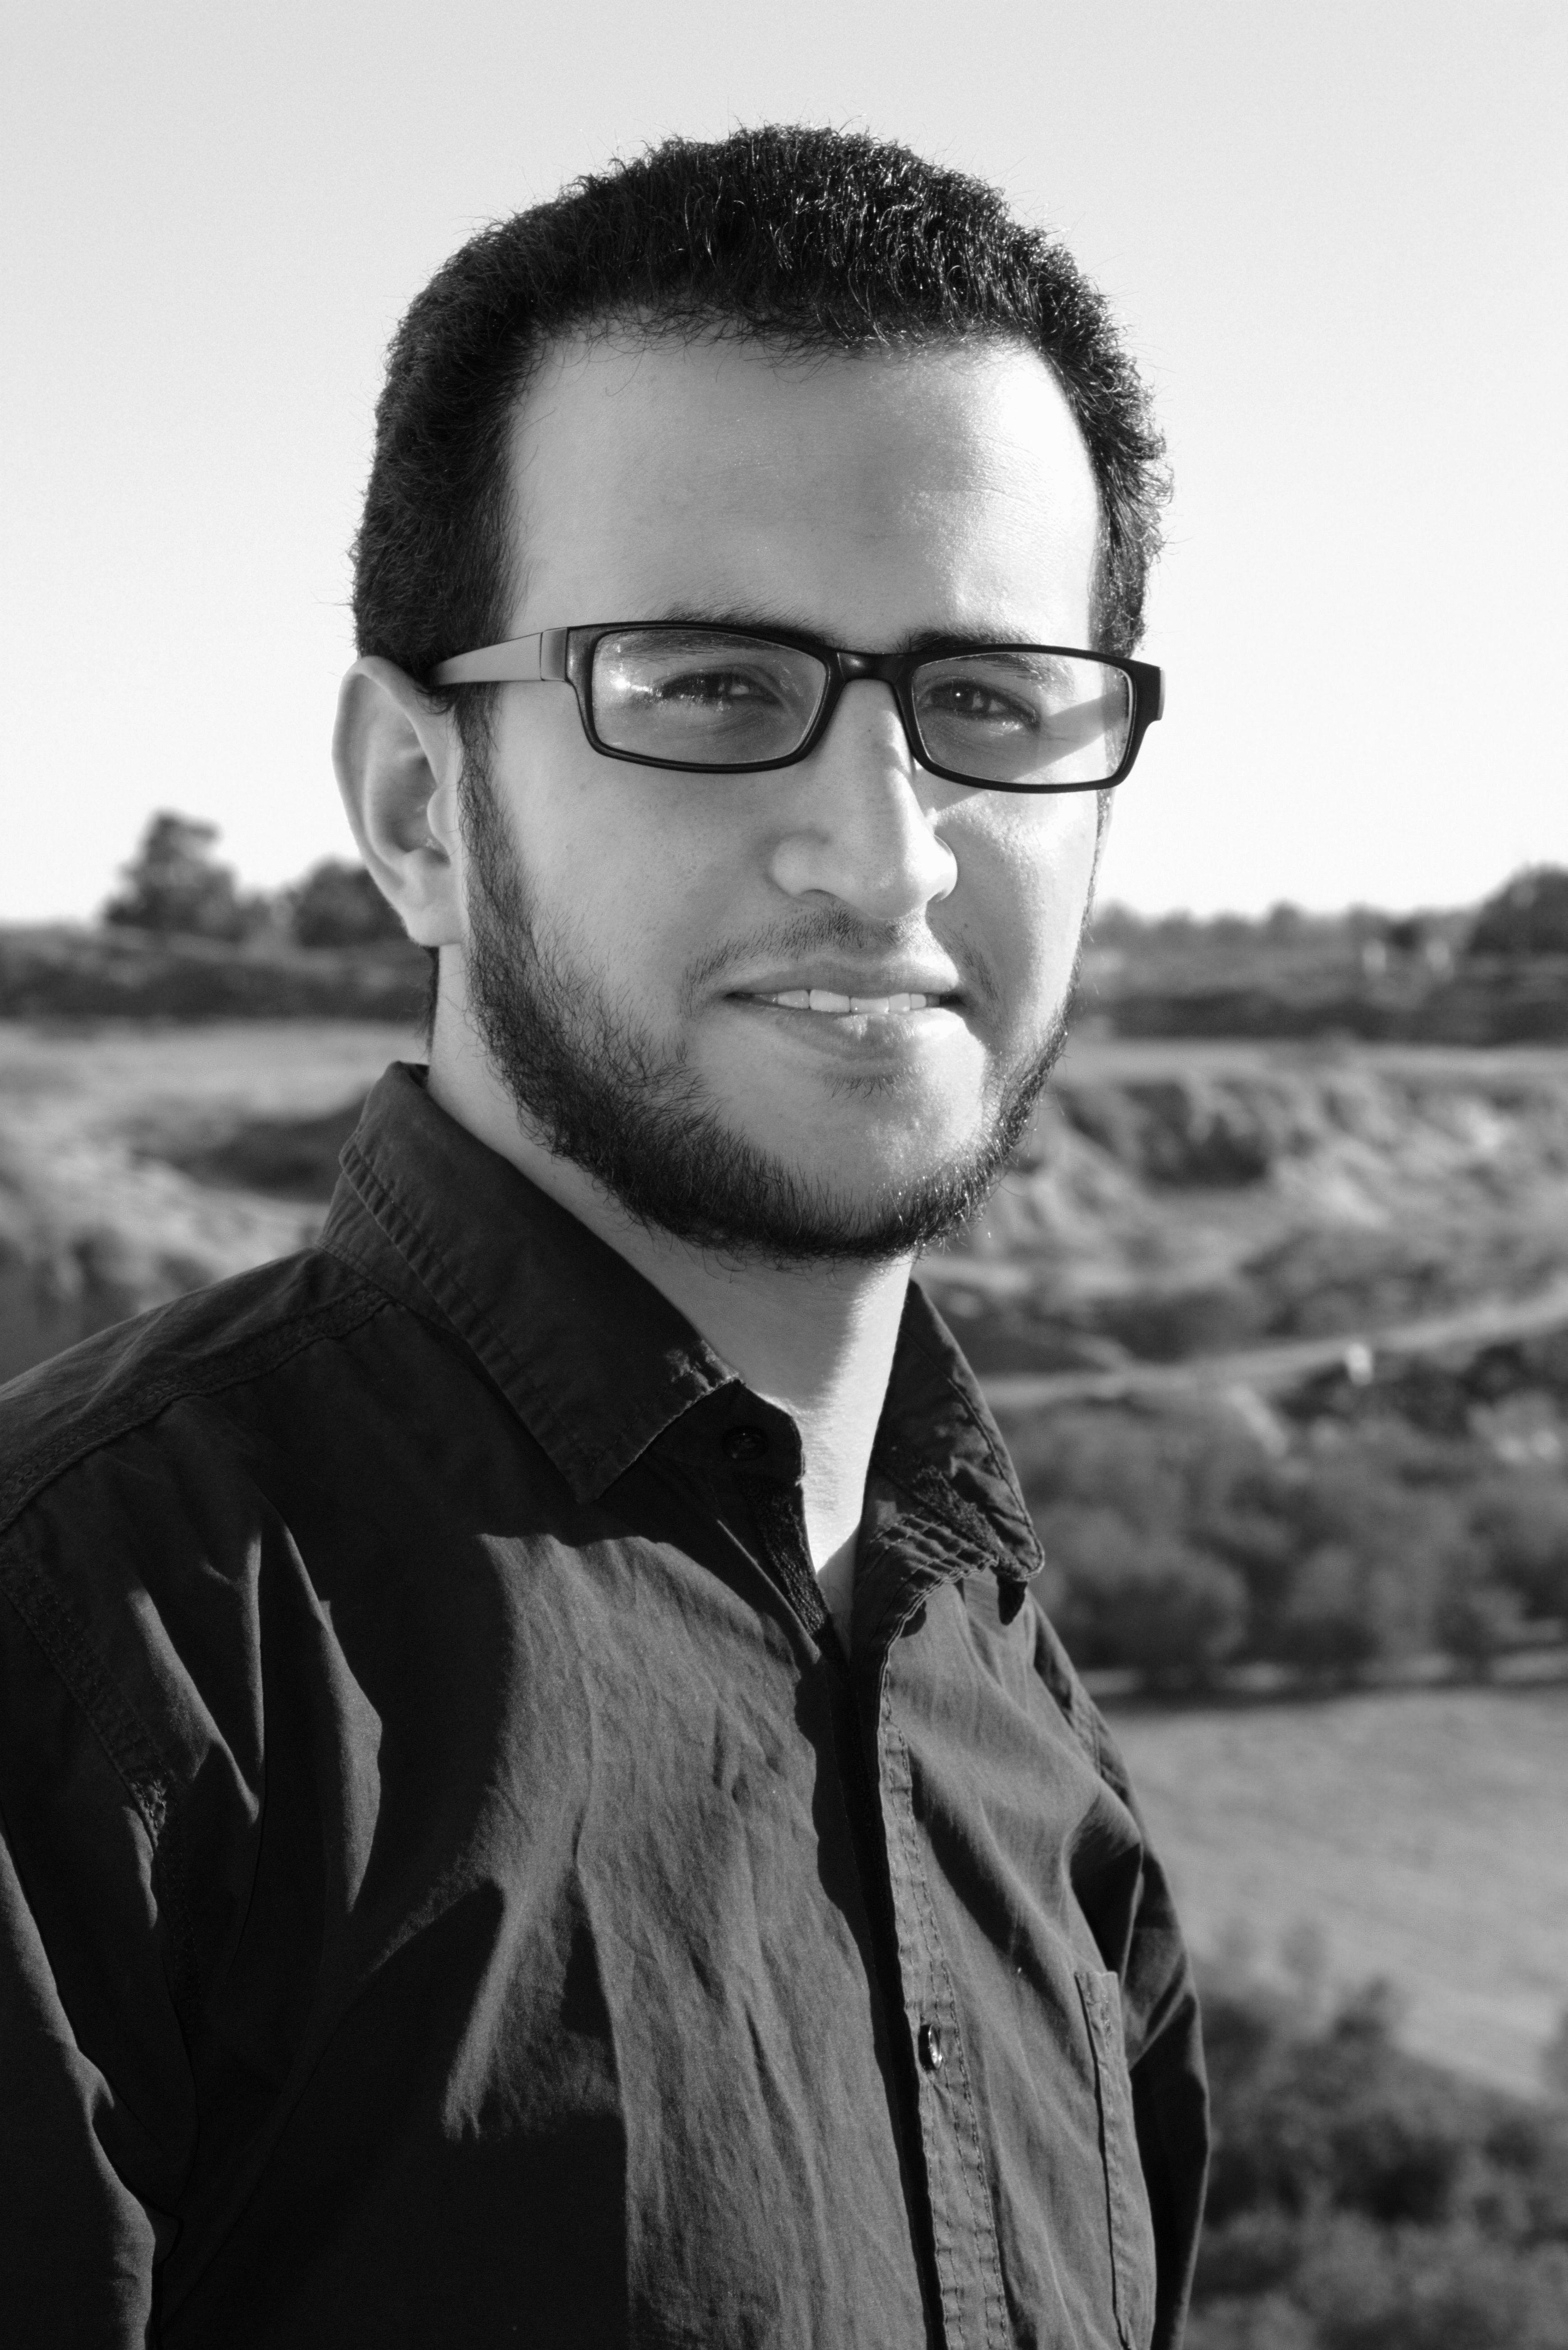 محمد أحمد الزريعي Headshot